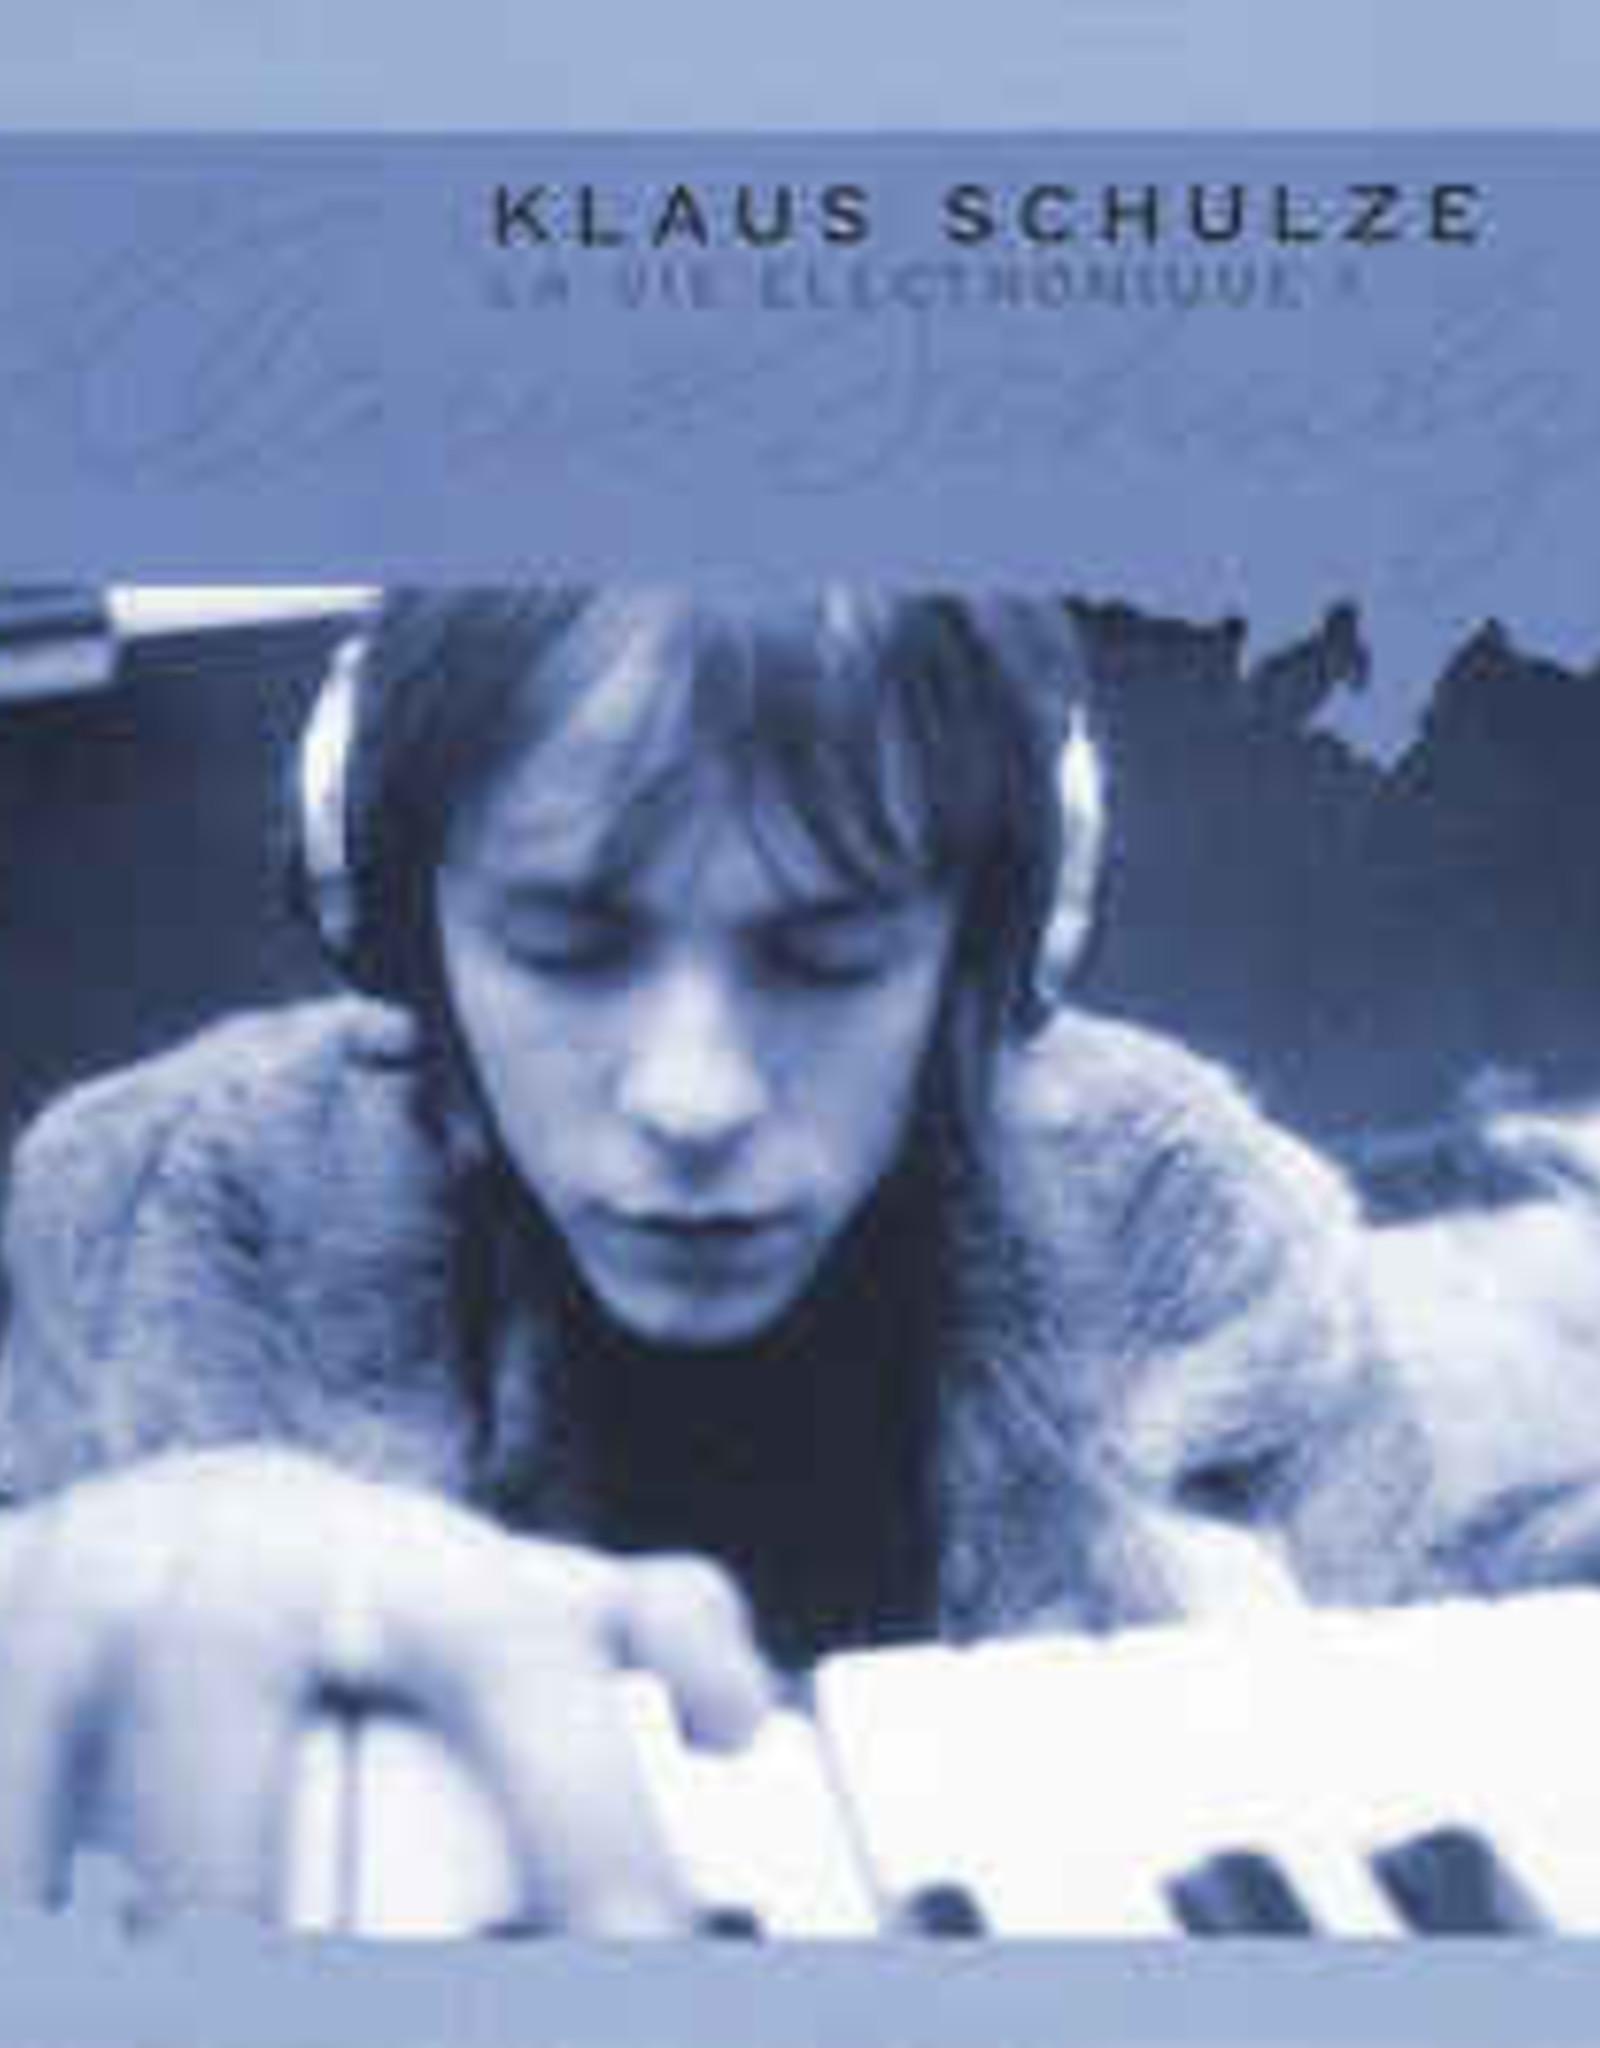 Klaus Schulze - La Vie Electronique Volume 1.2